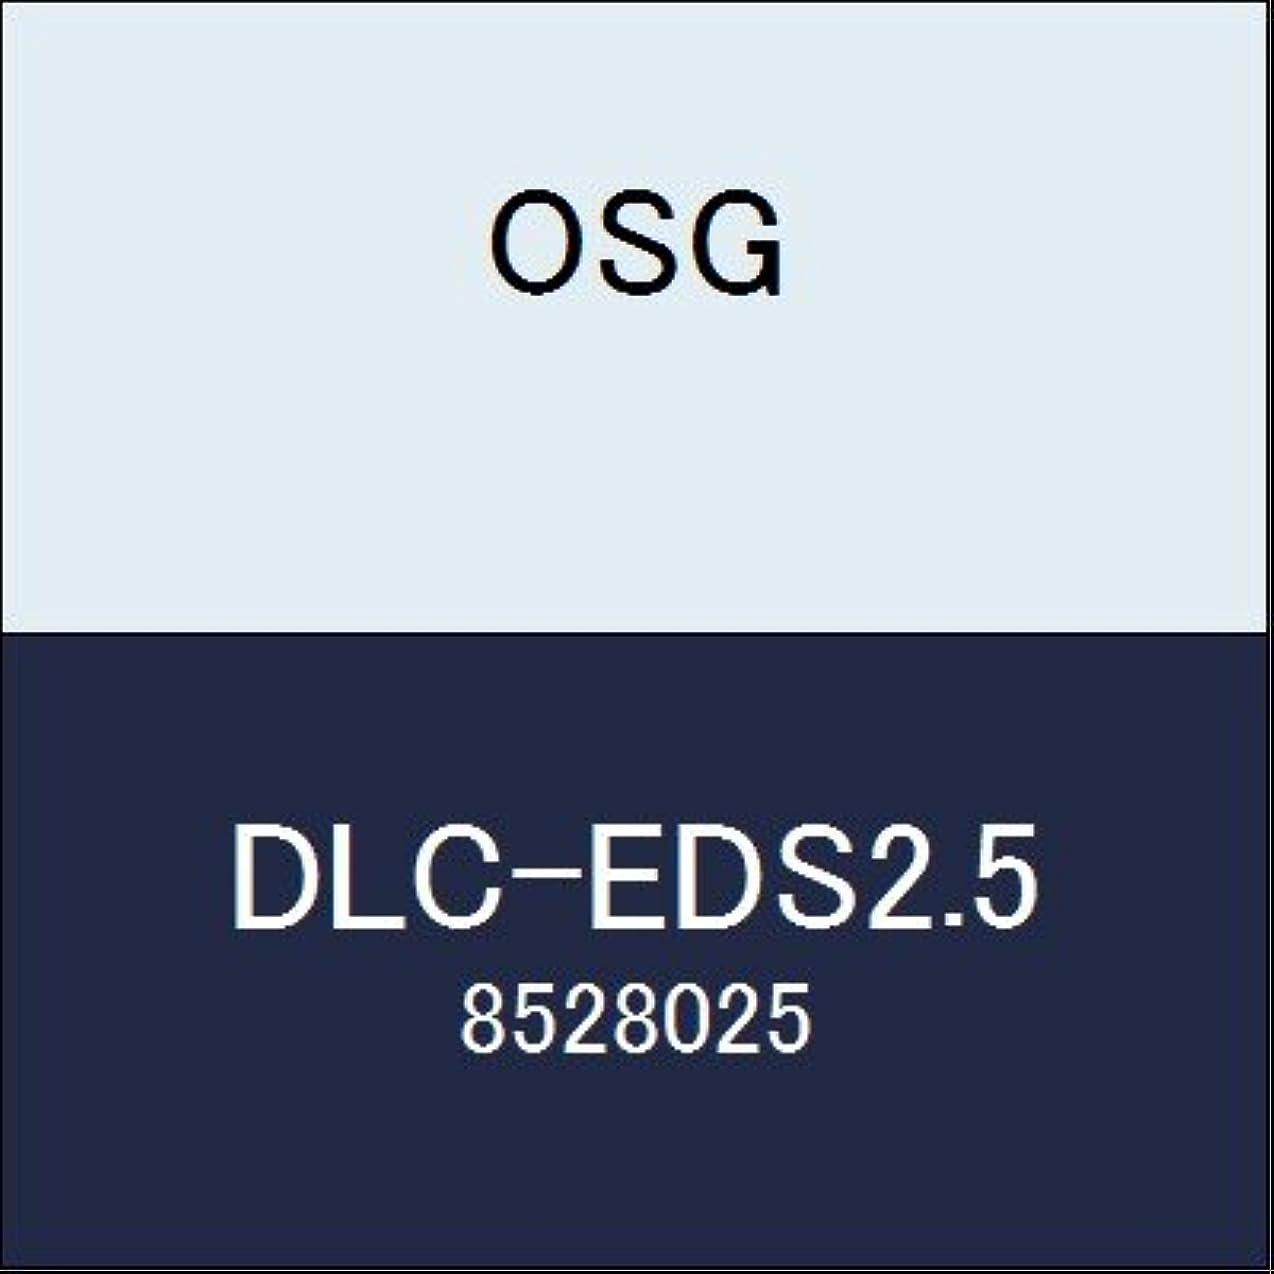 嵐ベリ確立OSG エンドミル DLC-EDS2.5 商品番号 8528025